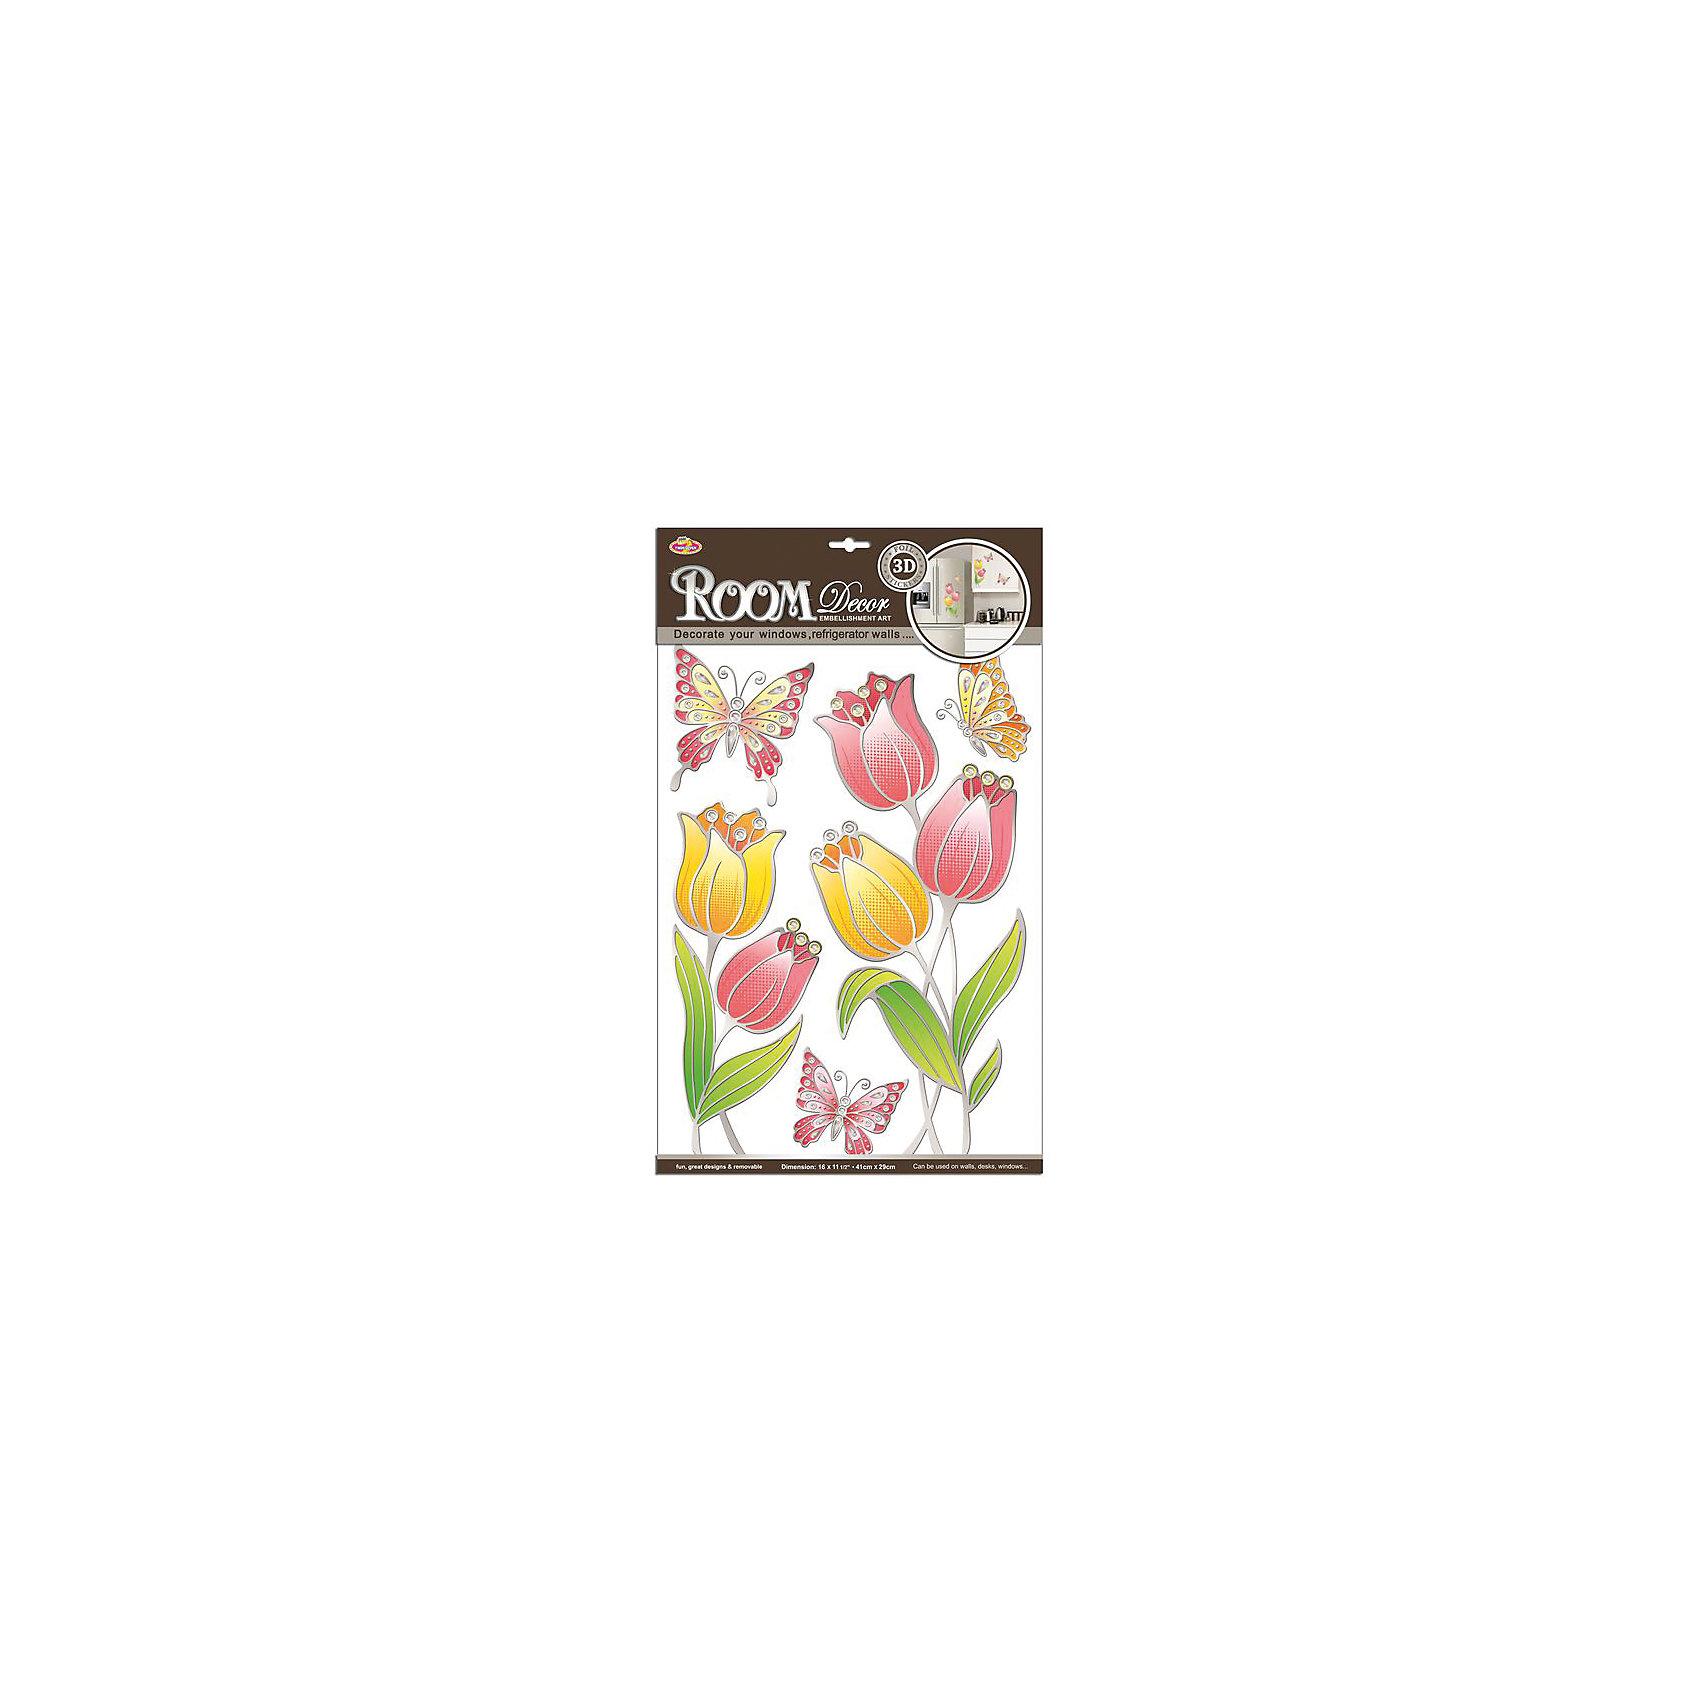 Наклейка Тюльпаны витраж POA8811, Room DecorПредметы интерьера<br>Характеристики:<br><br>• Предназначение: декор комнаты<br>• Тематика наклеек: цветы, бабочки<br>• Материал: картон, ПВХ<br>• Комплектация: 9 элементов<br>• Декоративные элементы: металлизированная отделка<br>• Объемные<br>• Клейкая поверхность крепится на окрашенные стены, обои, двери, деревянные панели, стекло<br>• Не повреждают поверхность<br>• Устойчивы к выцветанию и истиранию<br>• Повышенные влагостойкие свойства<br>• Размеры (Д*Ш*В): 30*7*50 см<br>• Вес: 50 г<br>• Упаковка: блистер<br><br>Все наклейки выполнены из безопасного и нетоксичного материала – ПВХ. Прочная клеевая основа обеспечивает надежное прикрепление практически к любому виду горизонтальной или вертикальной поверхности, при этом не деформируя и не повреждая ее. Наклейки обладают влагоустойчивыми свойствами, поэтому они хорошо переносят влажную уборку. <br><br>Наклейка Тюльпаны витраж POA8811, Room Decor состоит из набора, в который входят 9 элементов, изображающих крупные тюльпаны и бабочек. Наклейки декорированы металлизированным контуром, что имитирует технику витража. Набор выполнен в объемном формате. <br><br>Наклейку Тюльпаны витраж POA8811, Room Decor можно купить в нашем интернет-магазине.<br><br>Ширина мм: 9999<br>Глубина мм: 70<br>Высота мм: 9999<br>Вес г: 50<br>Возраст от месяцев: 36<br>Возраст до месяцев: 168<br>Пол: Женский<br>Возраст: Детский<br>SKU: 5513017